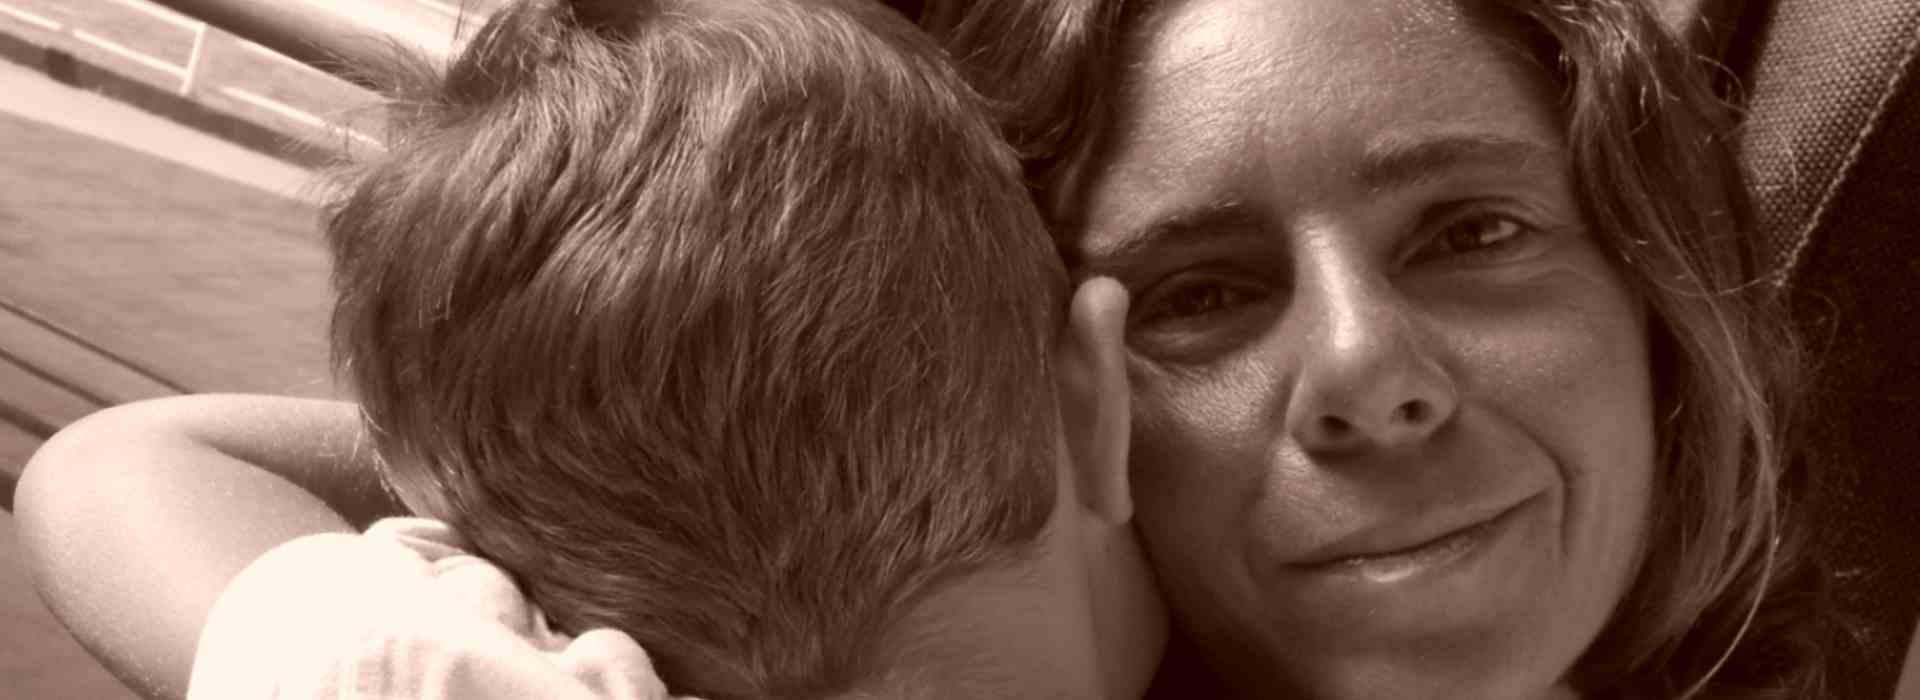 Giada Giunti, la donna che denuncia maltrattamenti e a cui il giudice toglie il figlio